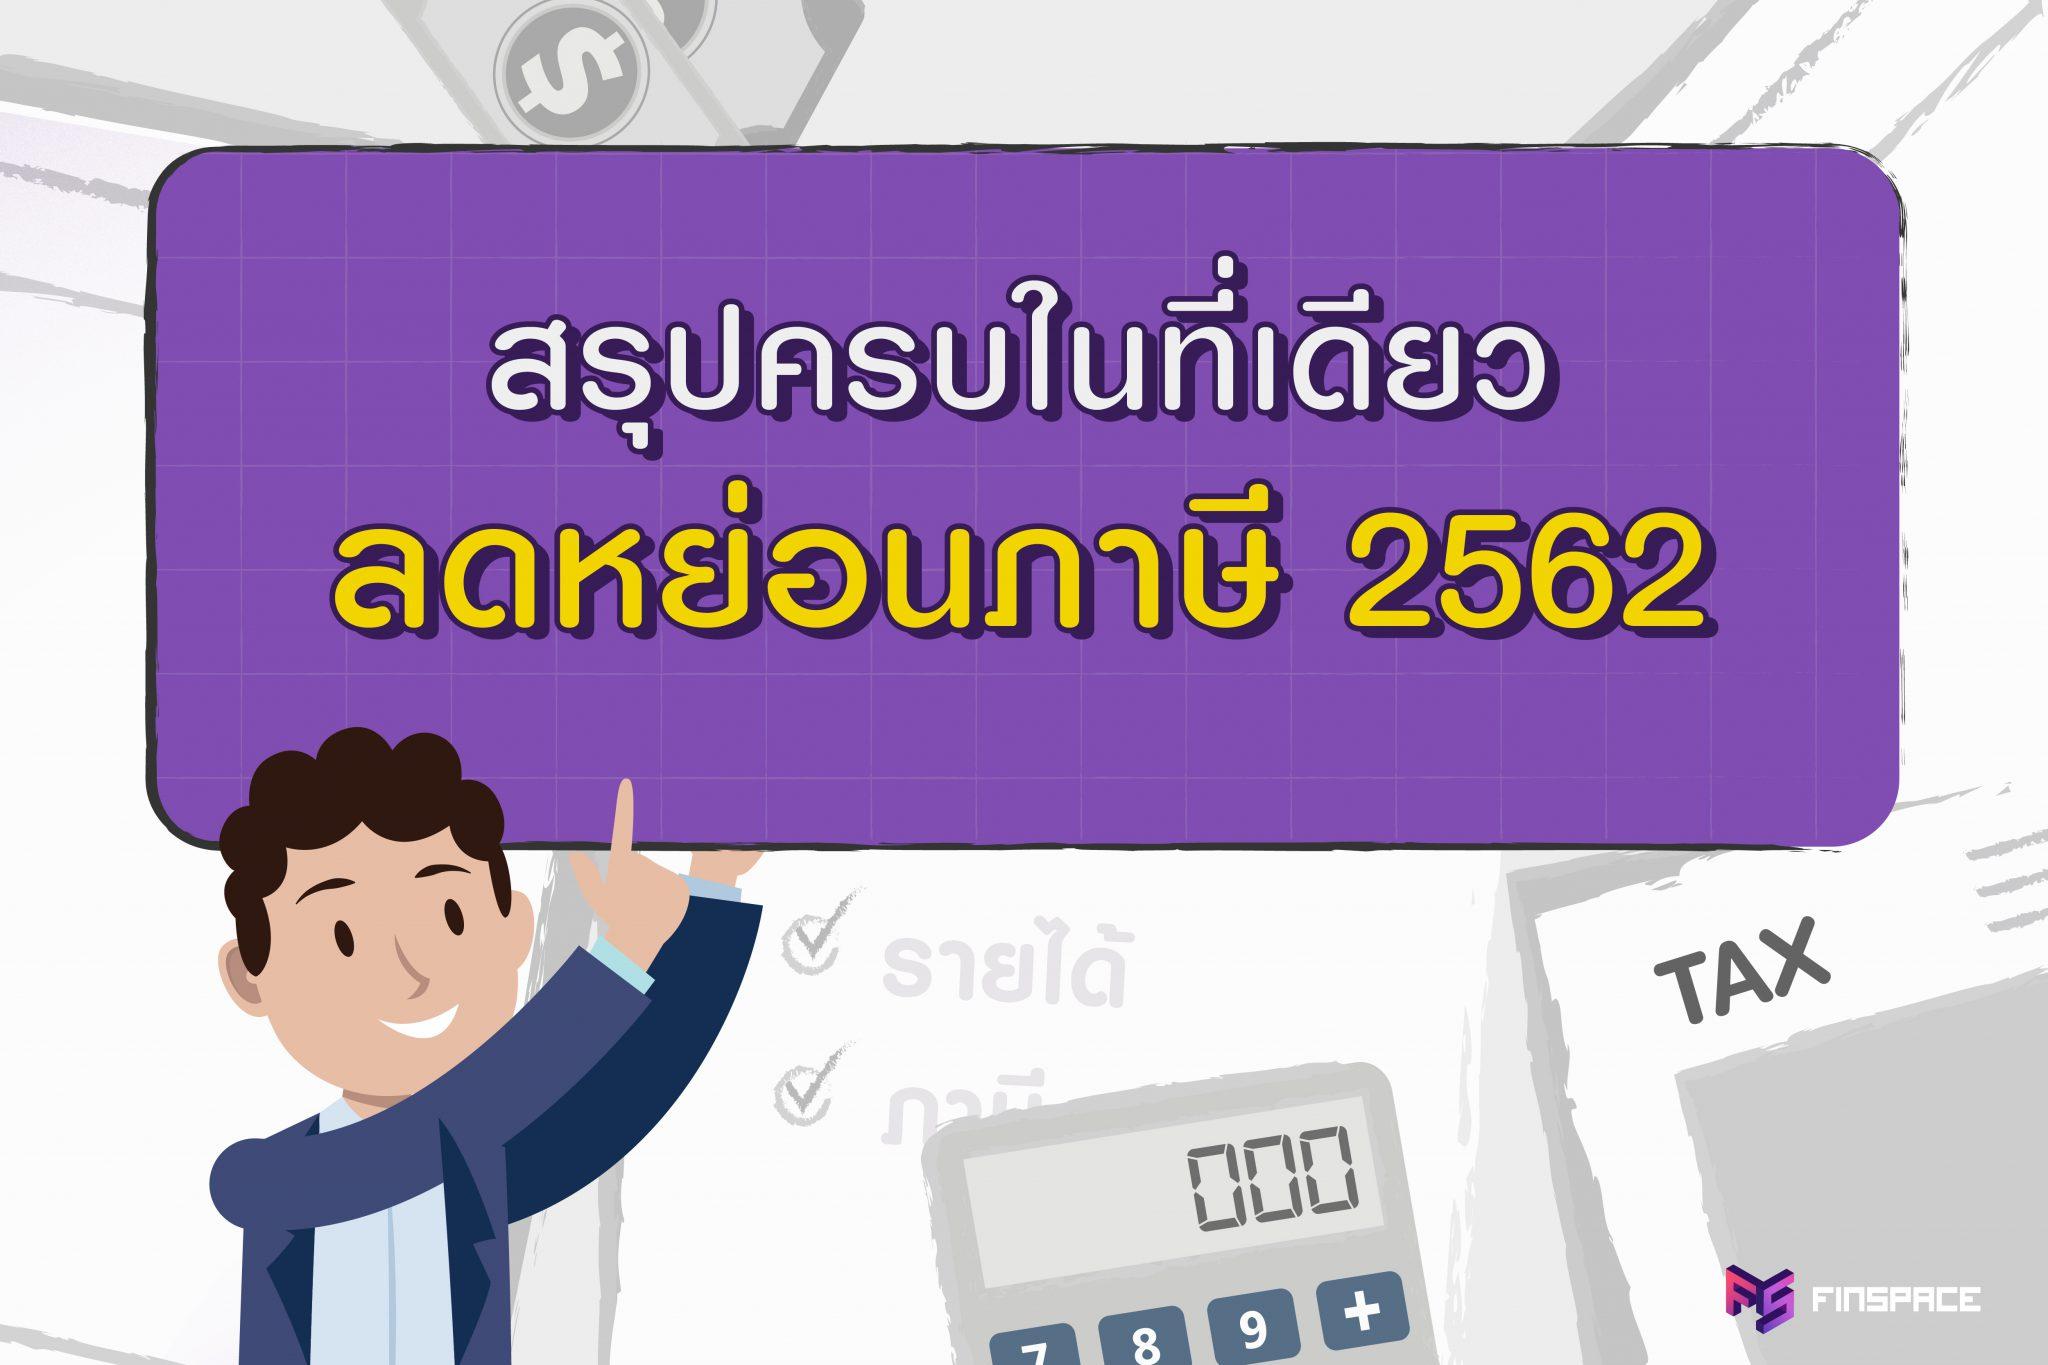 สรุปลดหย่อนภาษี 2562 แบบครบในที่เดียว